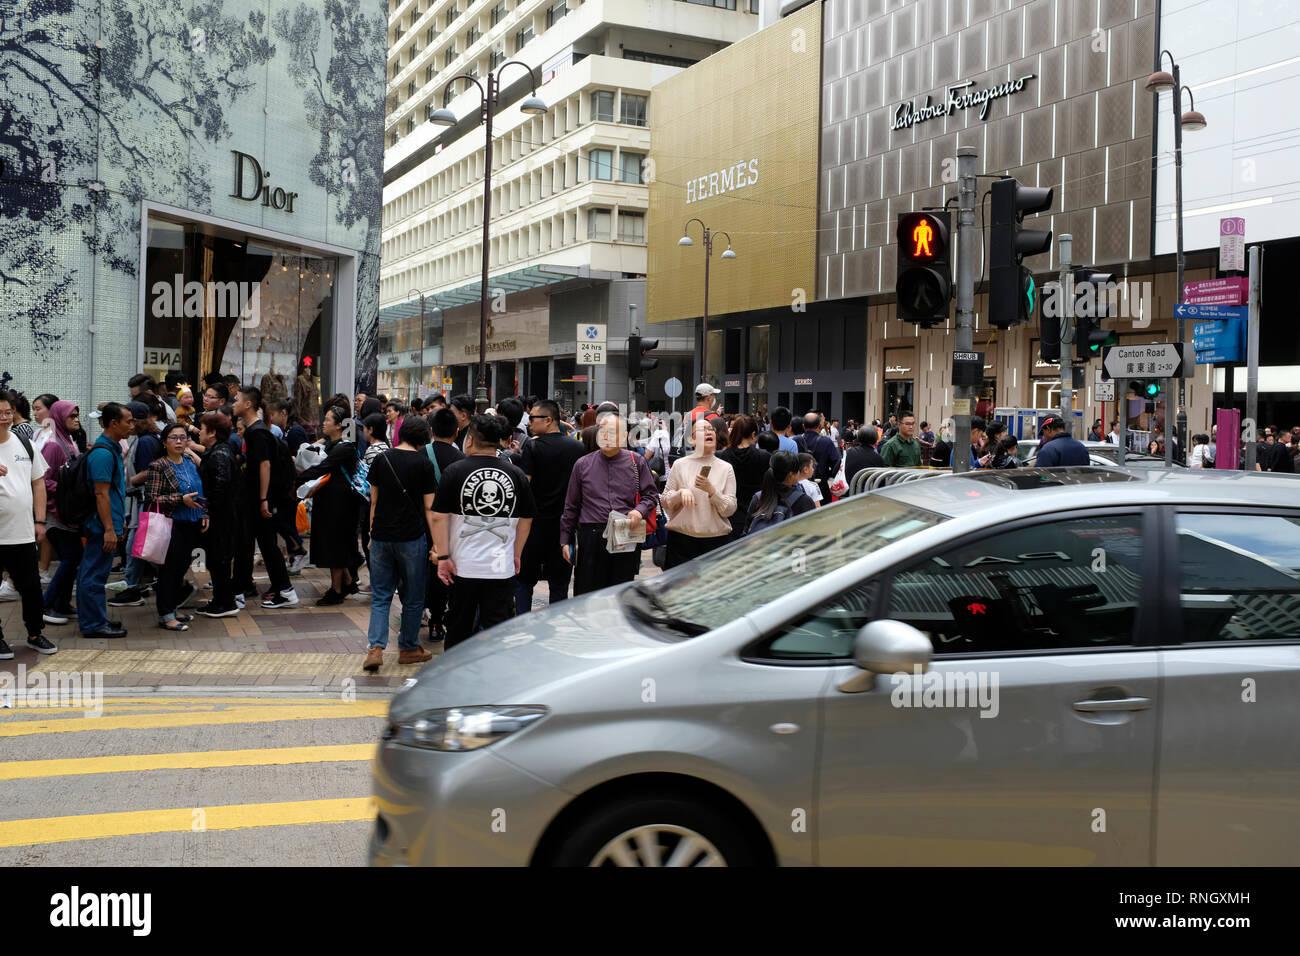 Crowded street in Hong Kong SAR, China - Stock Image